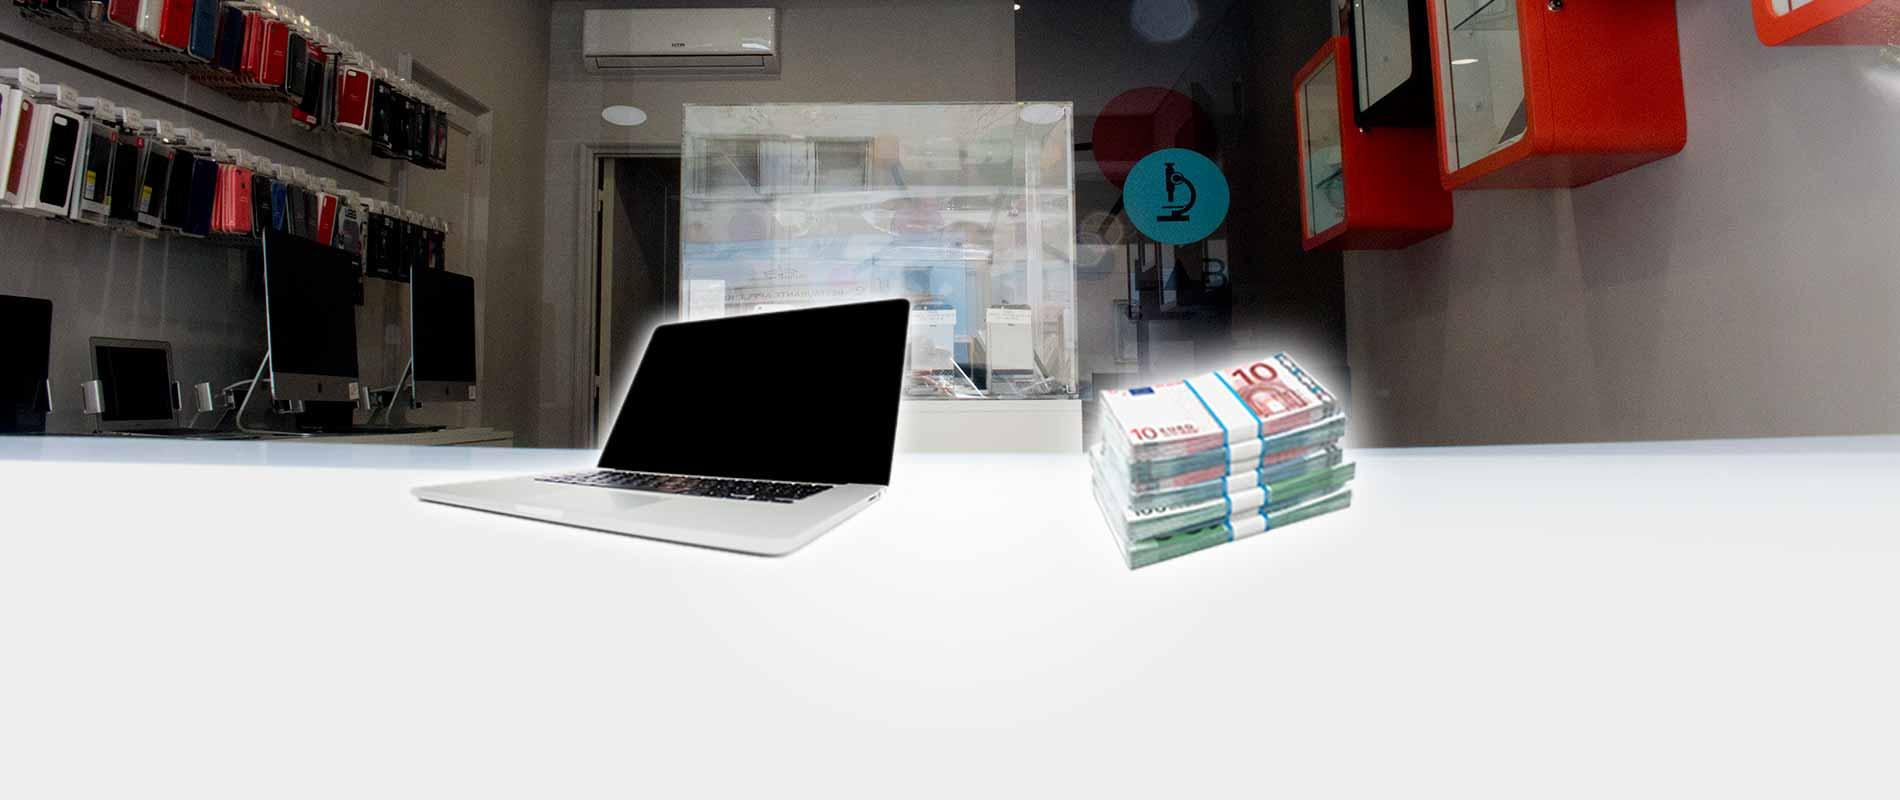 Gadget Hub - Retmas - Telemóveis Usados e Novos - Retomas Macbook